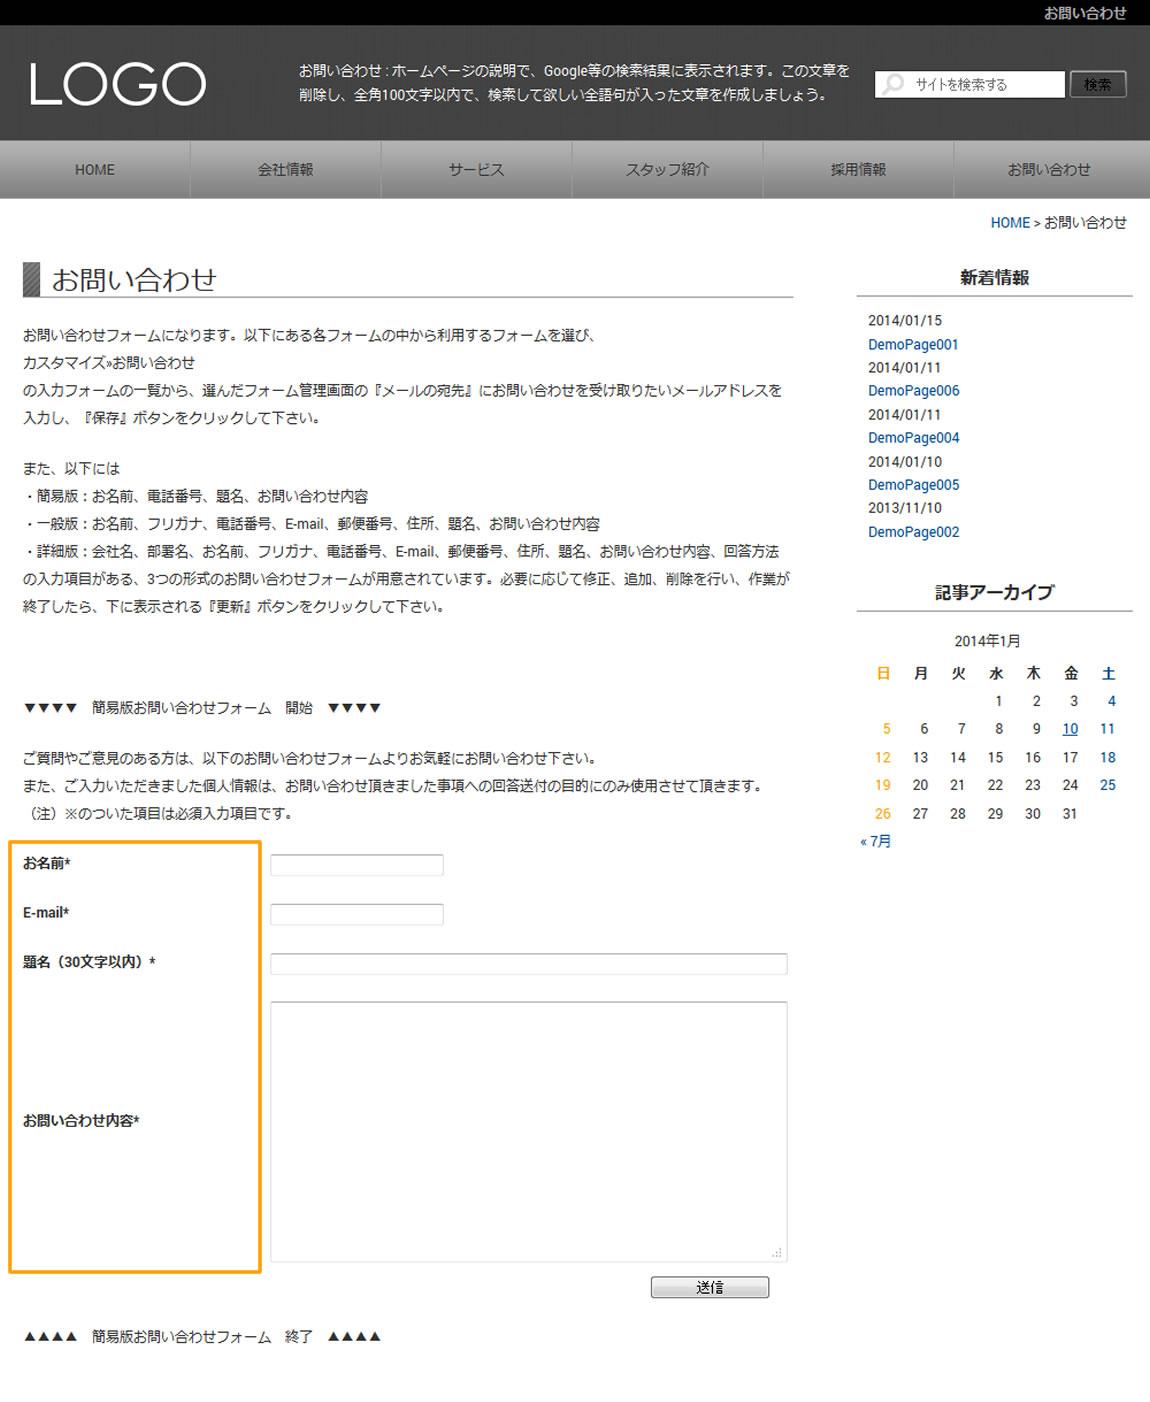 CSSマニュアル:項目名[お問い合わせ] - FunMaker[ファンメイカー]